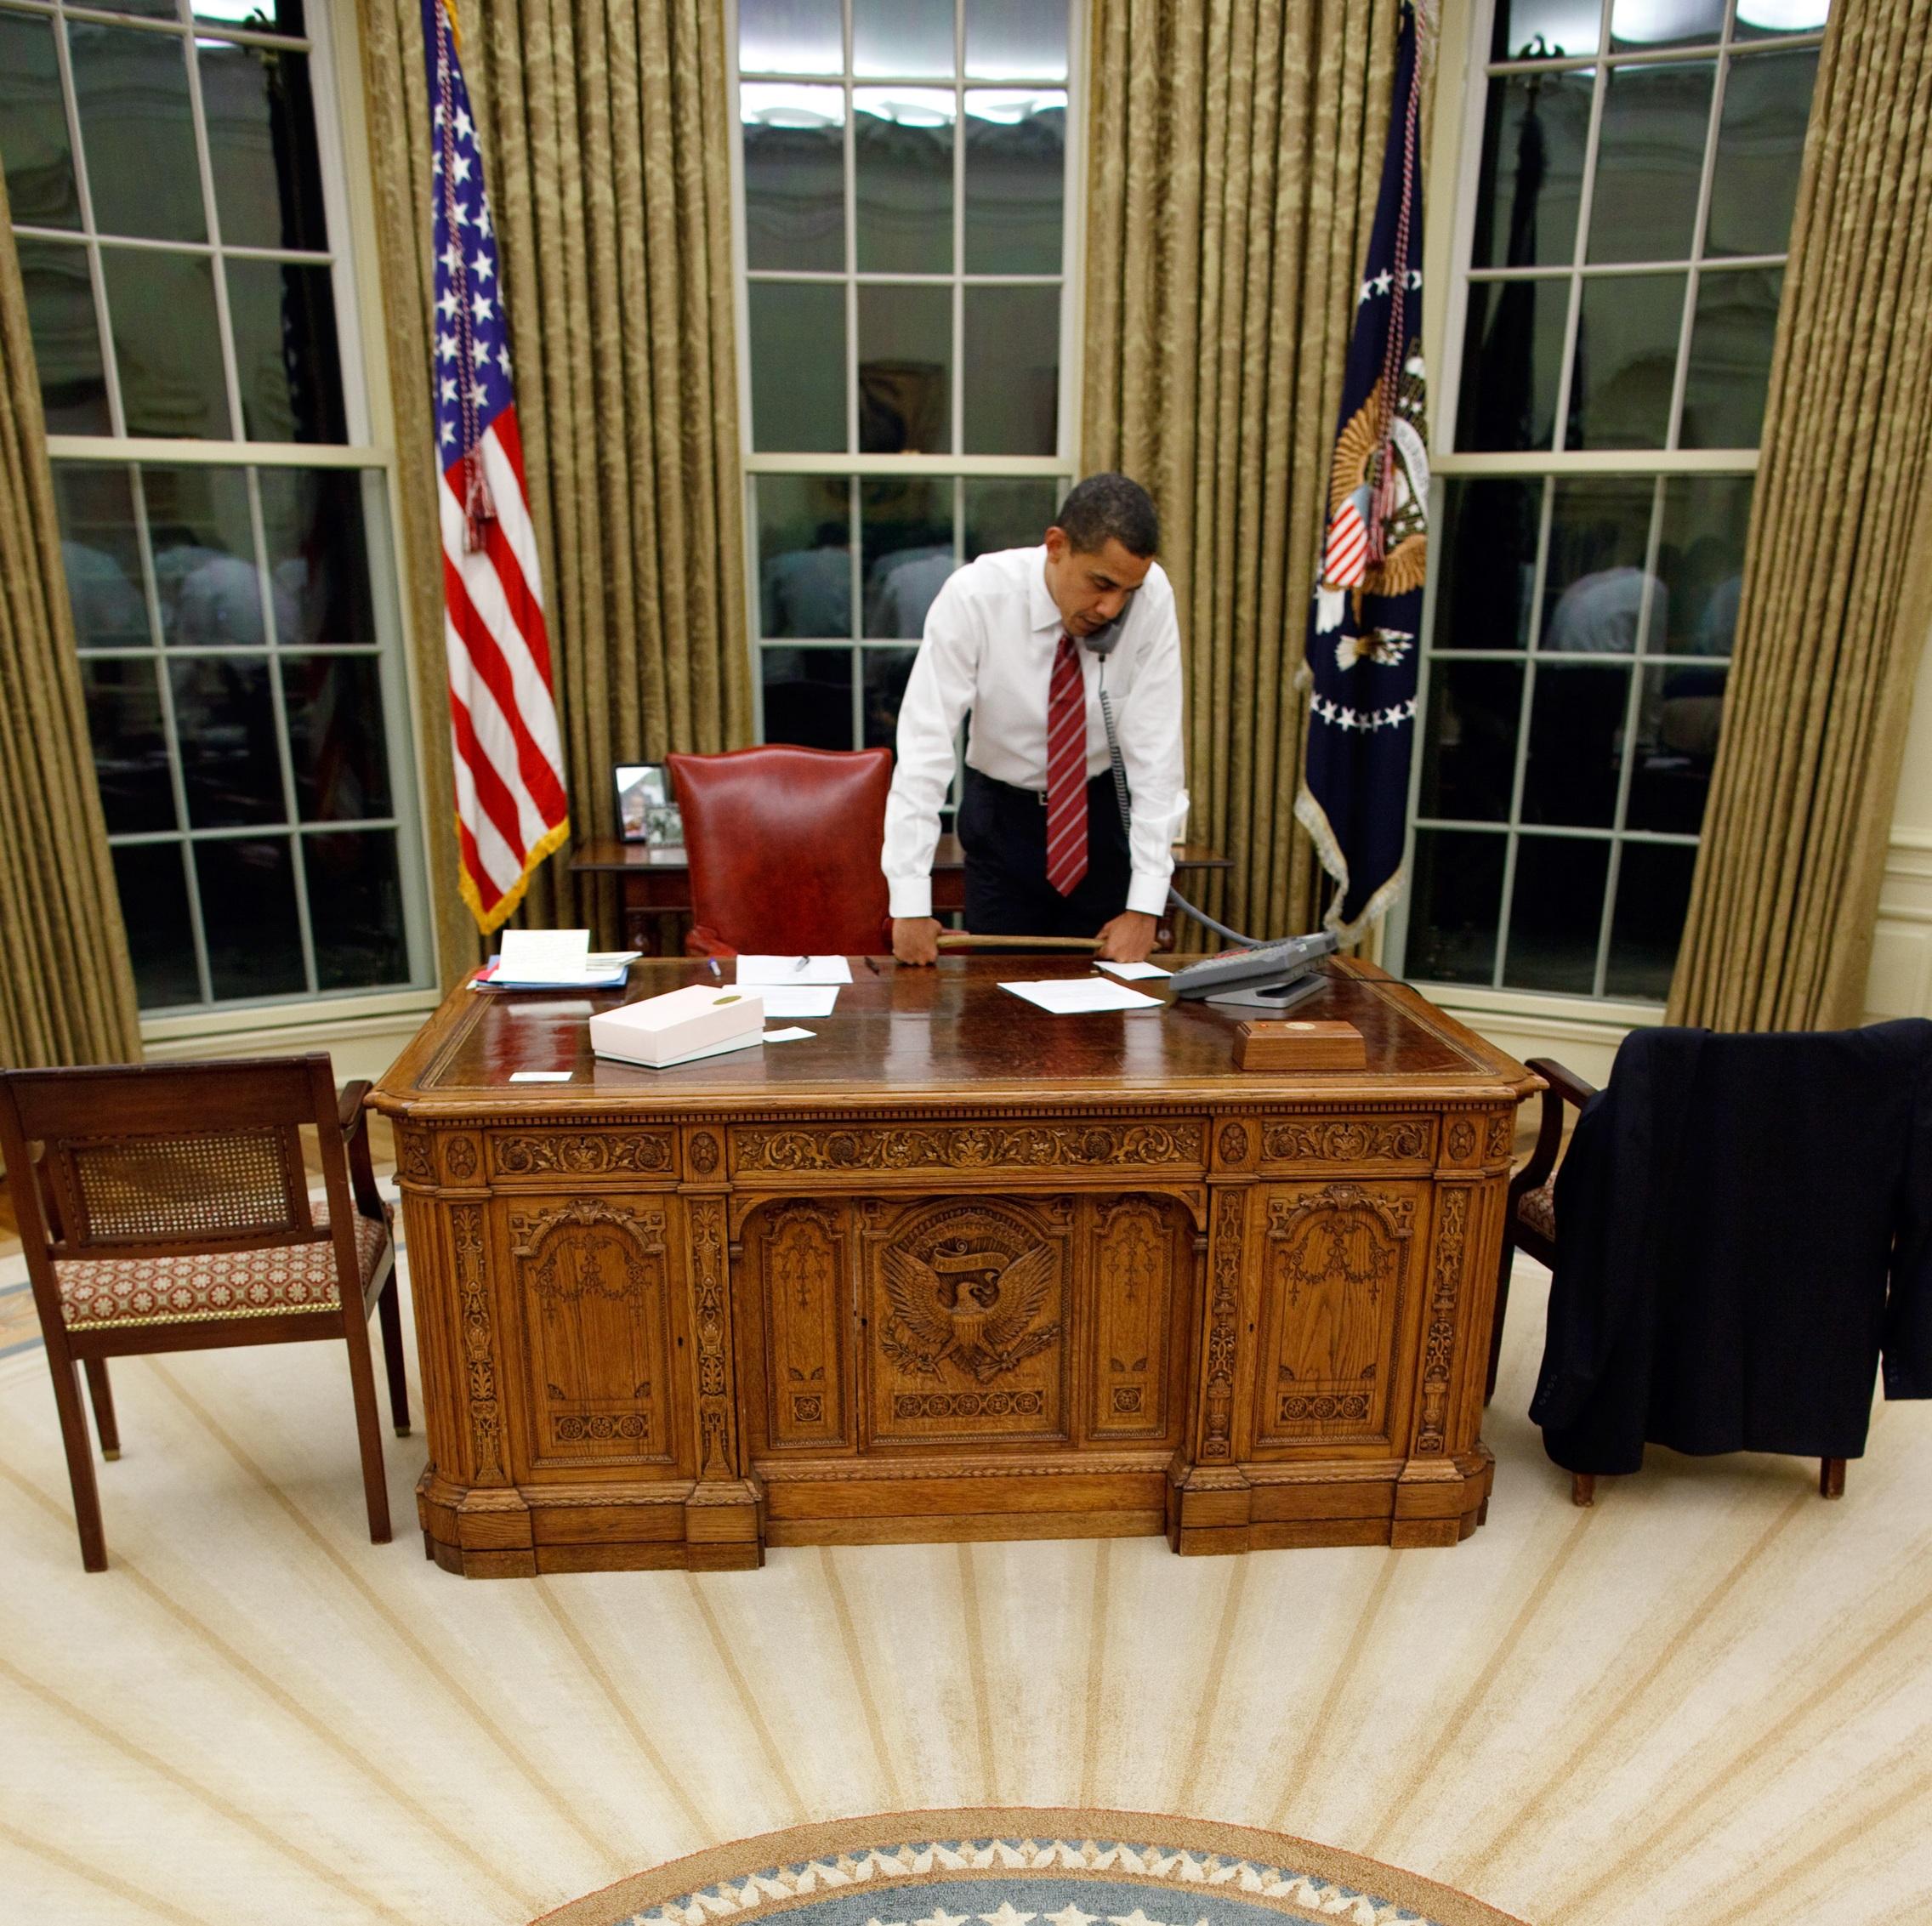 Resolute desk wikiwand - Oval office desk ...